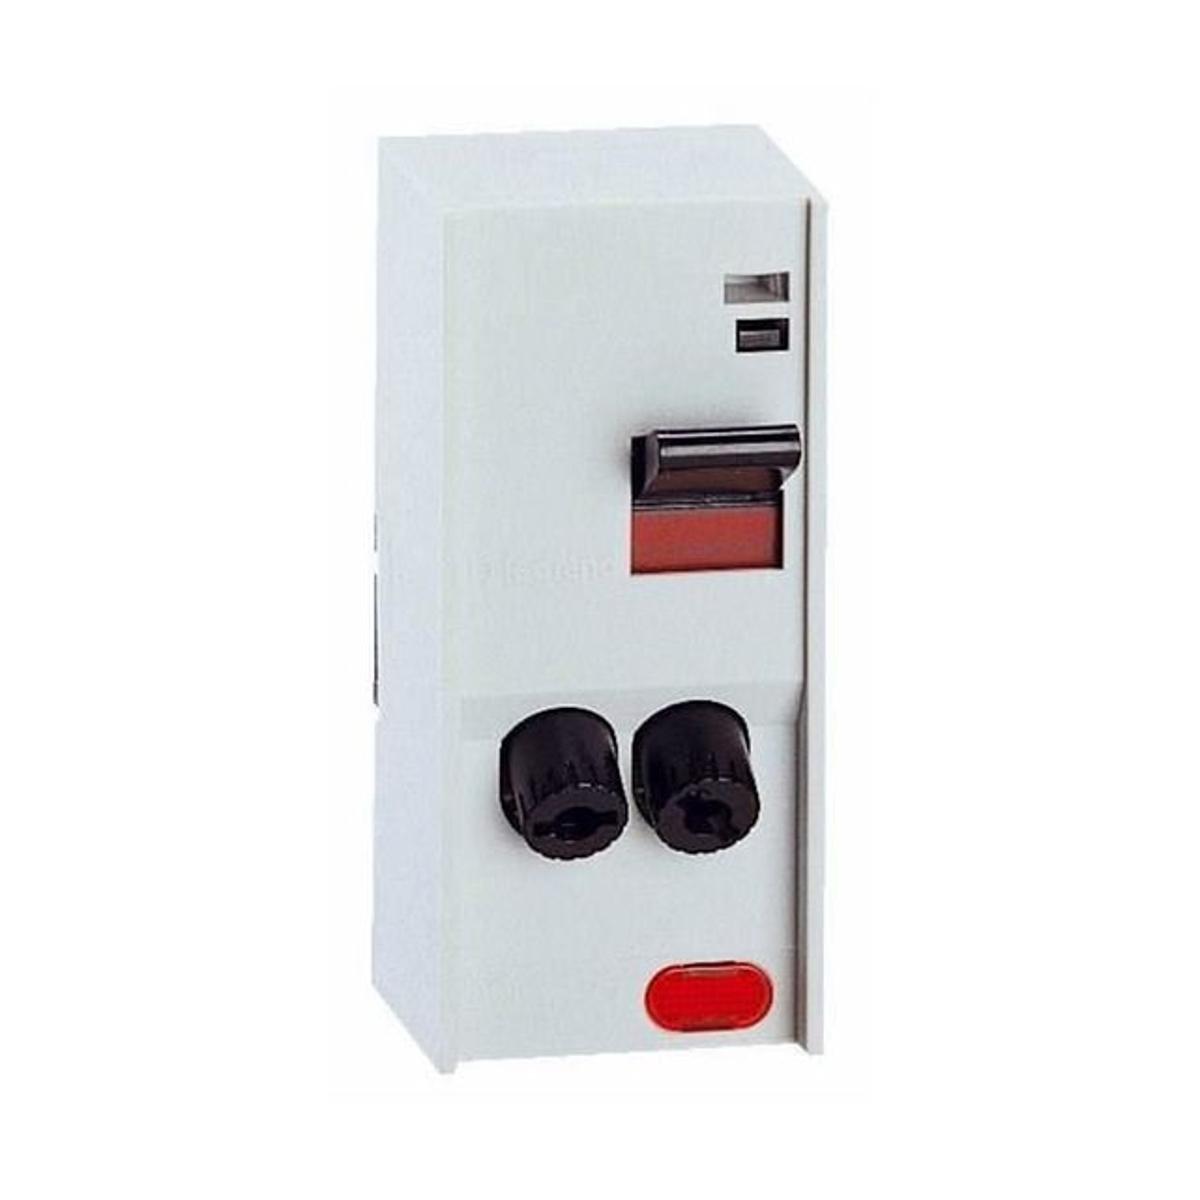 LEGRAND Interrupteur PAC avec cartouche fusible 2 pôles + voyant  4600W maxi